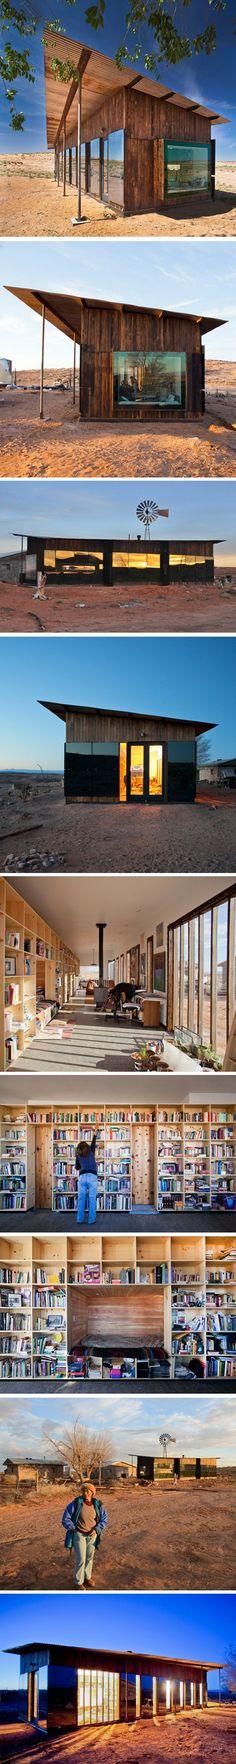 Nakai House par des étudiants en architecture | Journal du Design